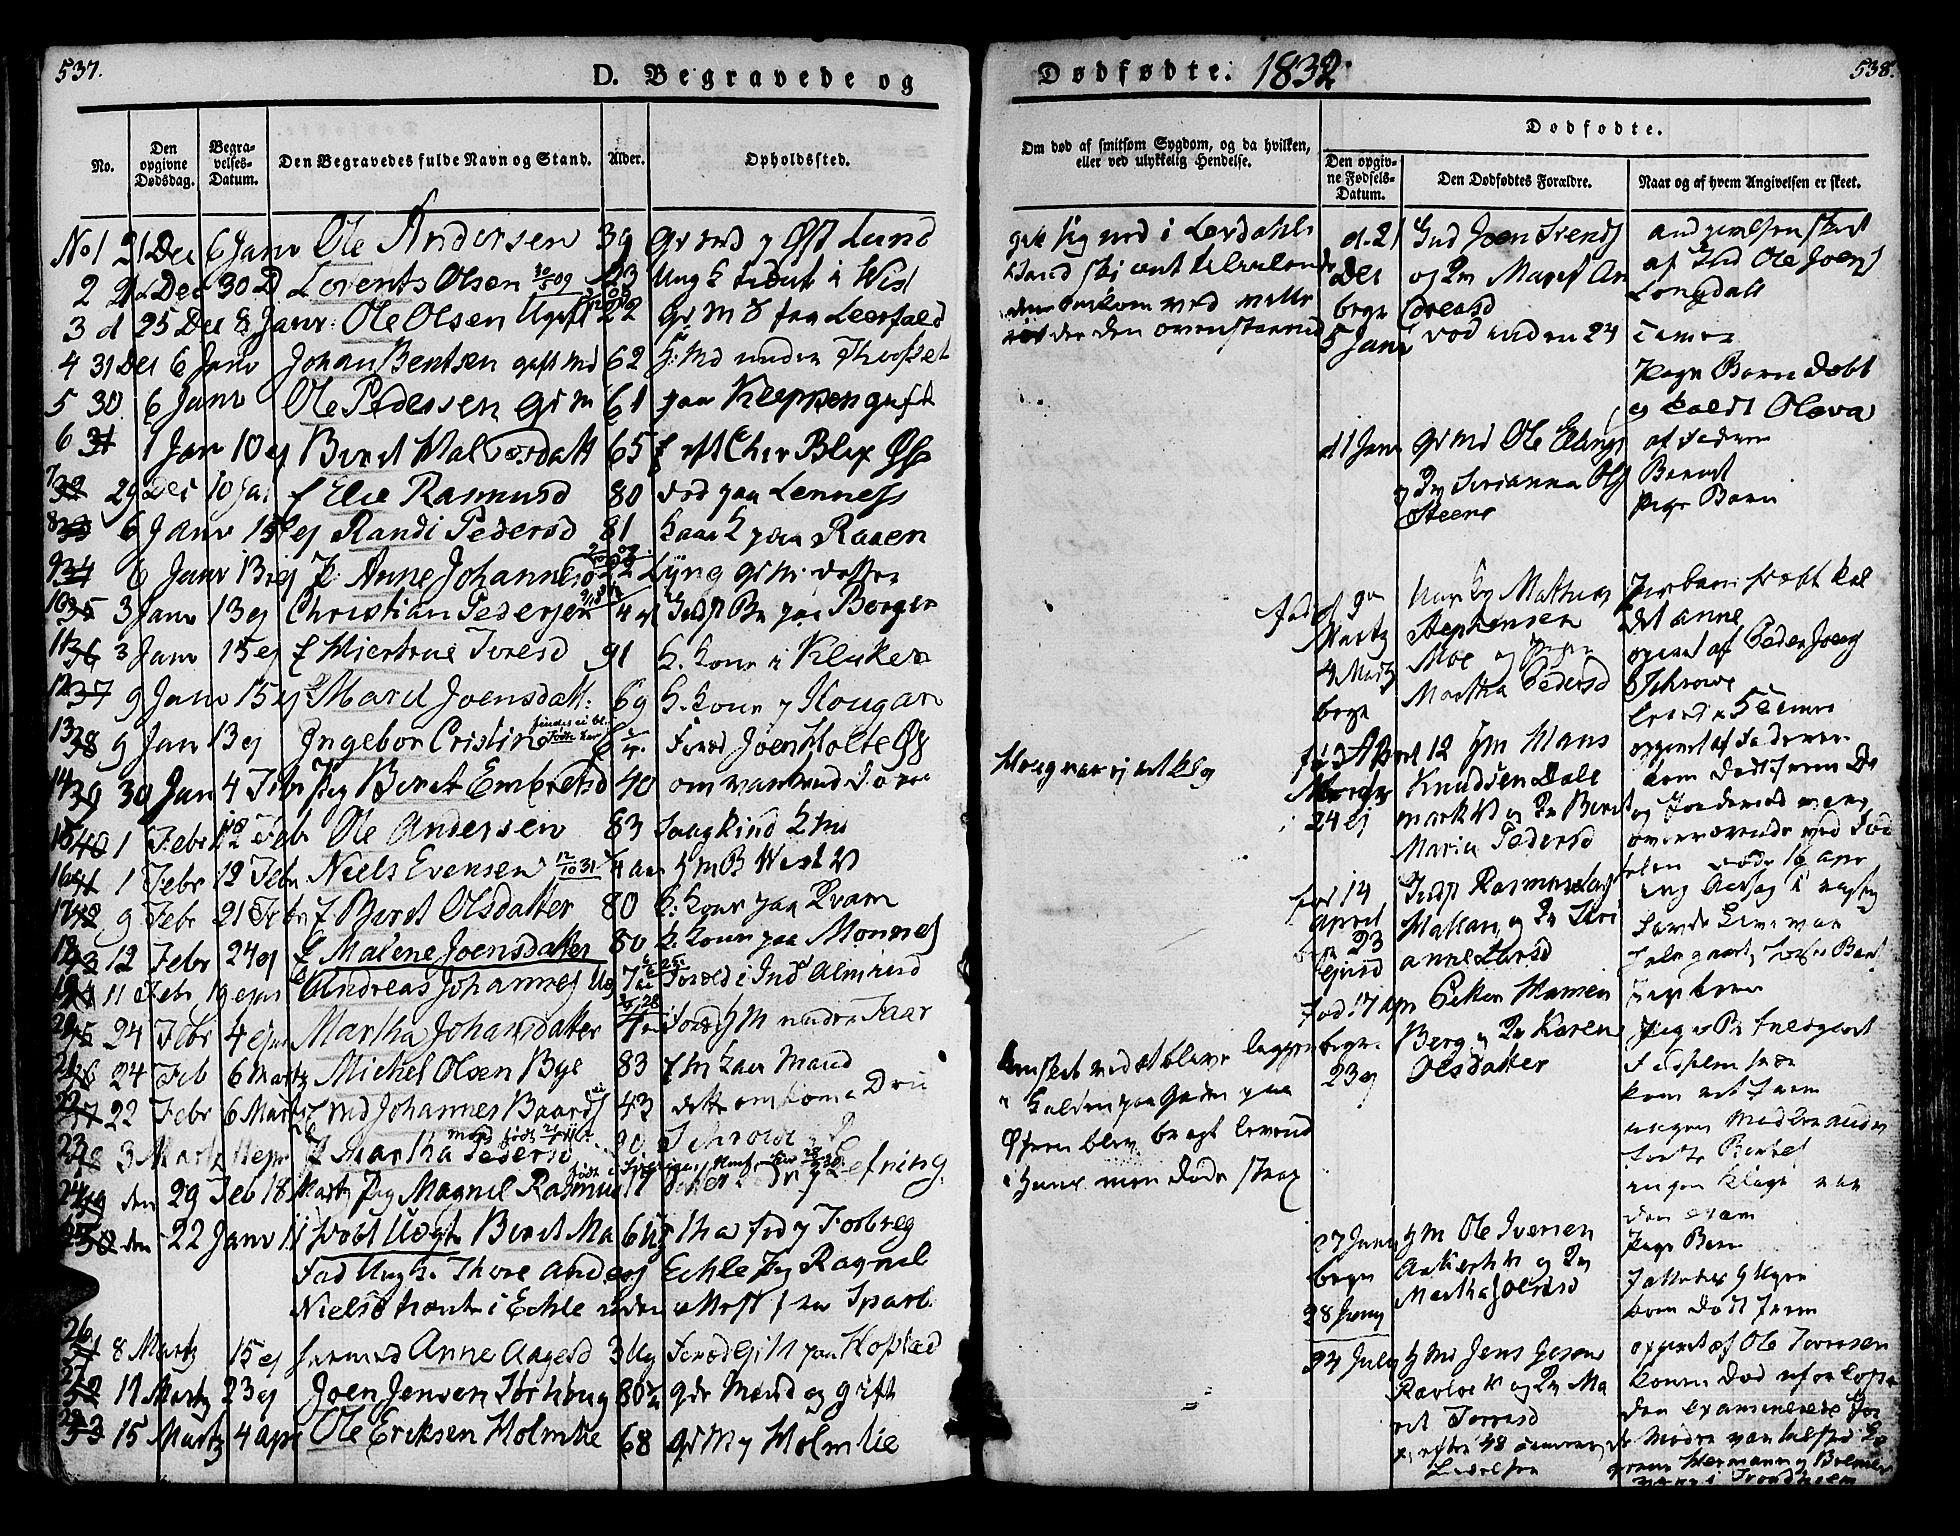 SAT, Ministerialprotokoller, klokkerbøker og fødselsregistre - Nord-Trøndelag, 723/L0238: Ministerialbok nr. 723A07, 1831-1840, s. 537-538